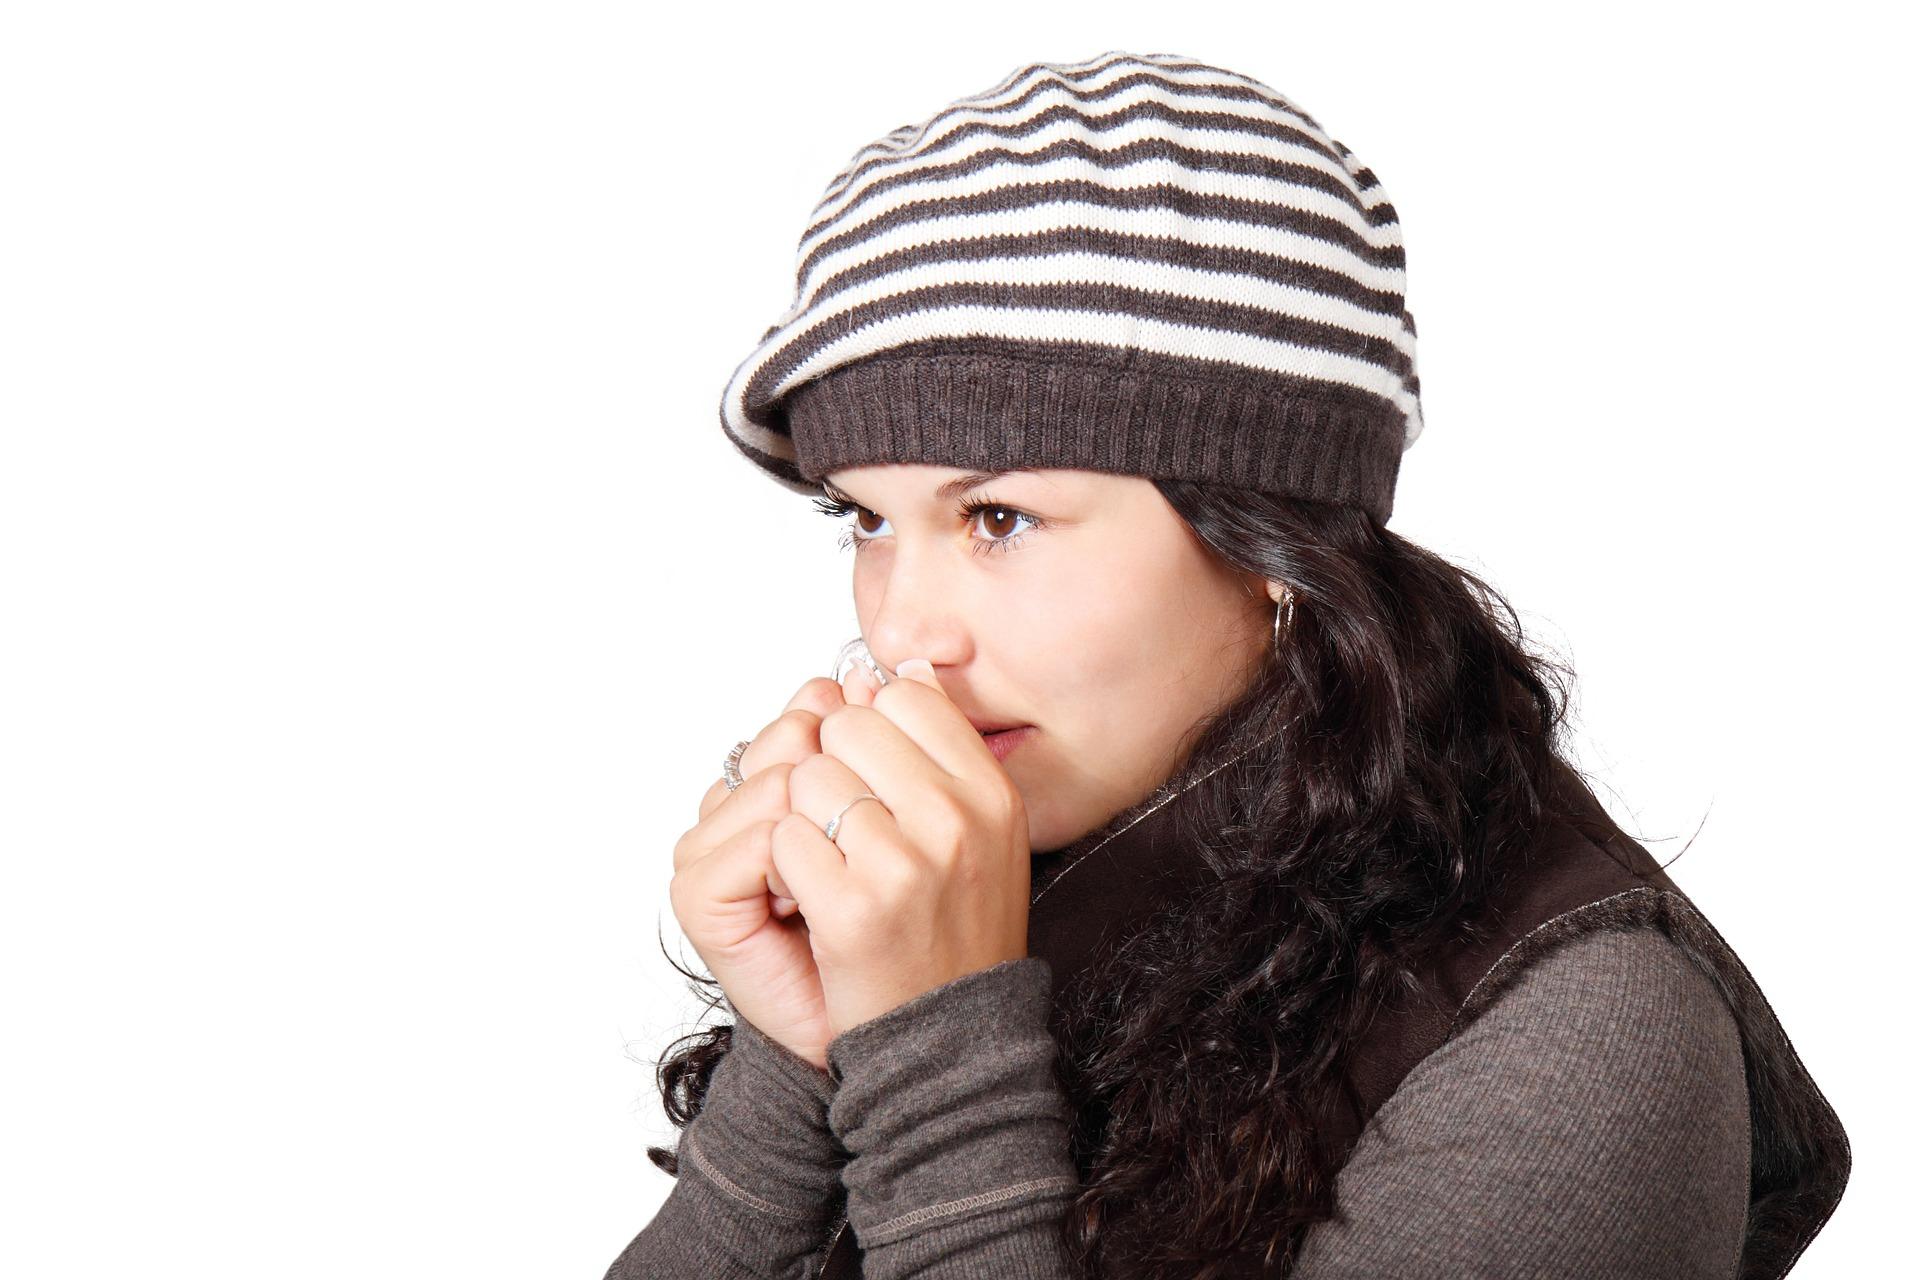 Pourquoi a-t-on froid aux mains et aux pieds en hiver ?